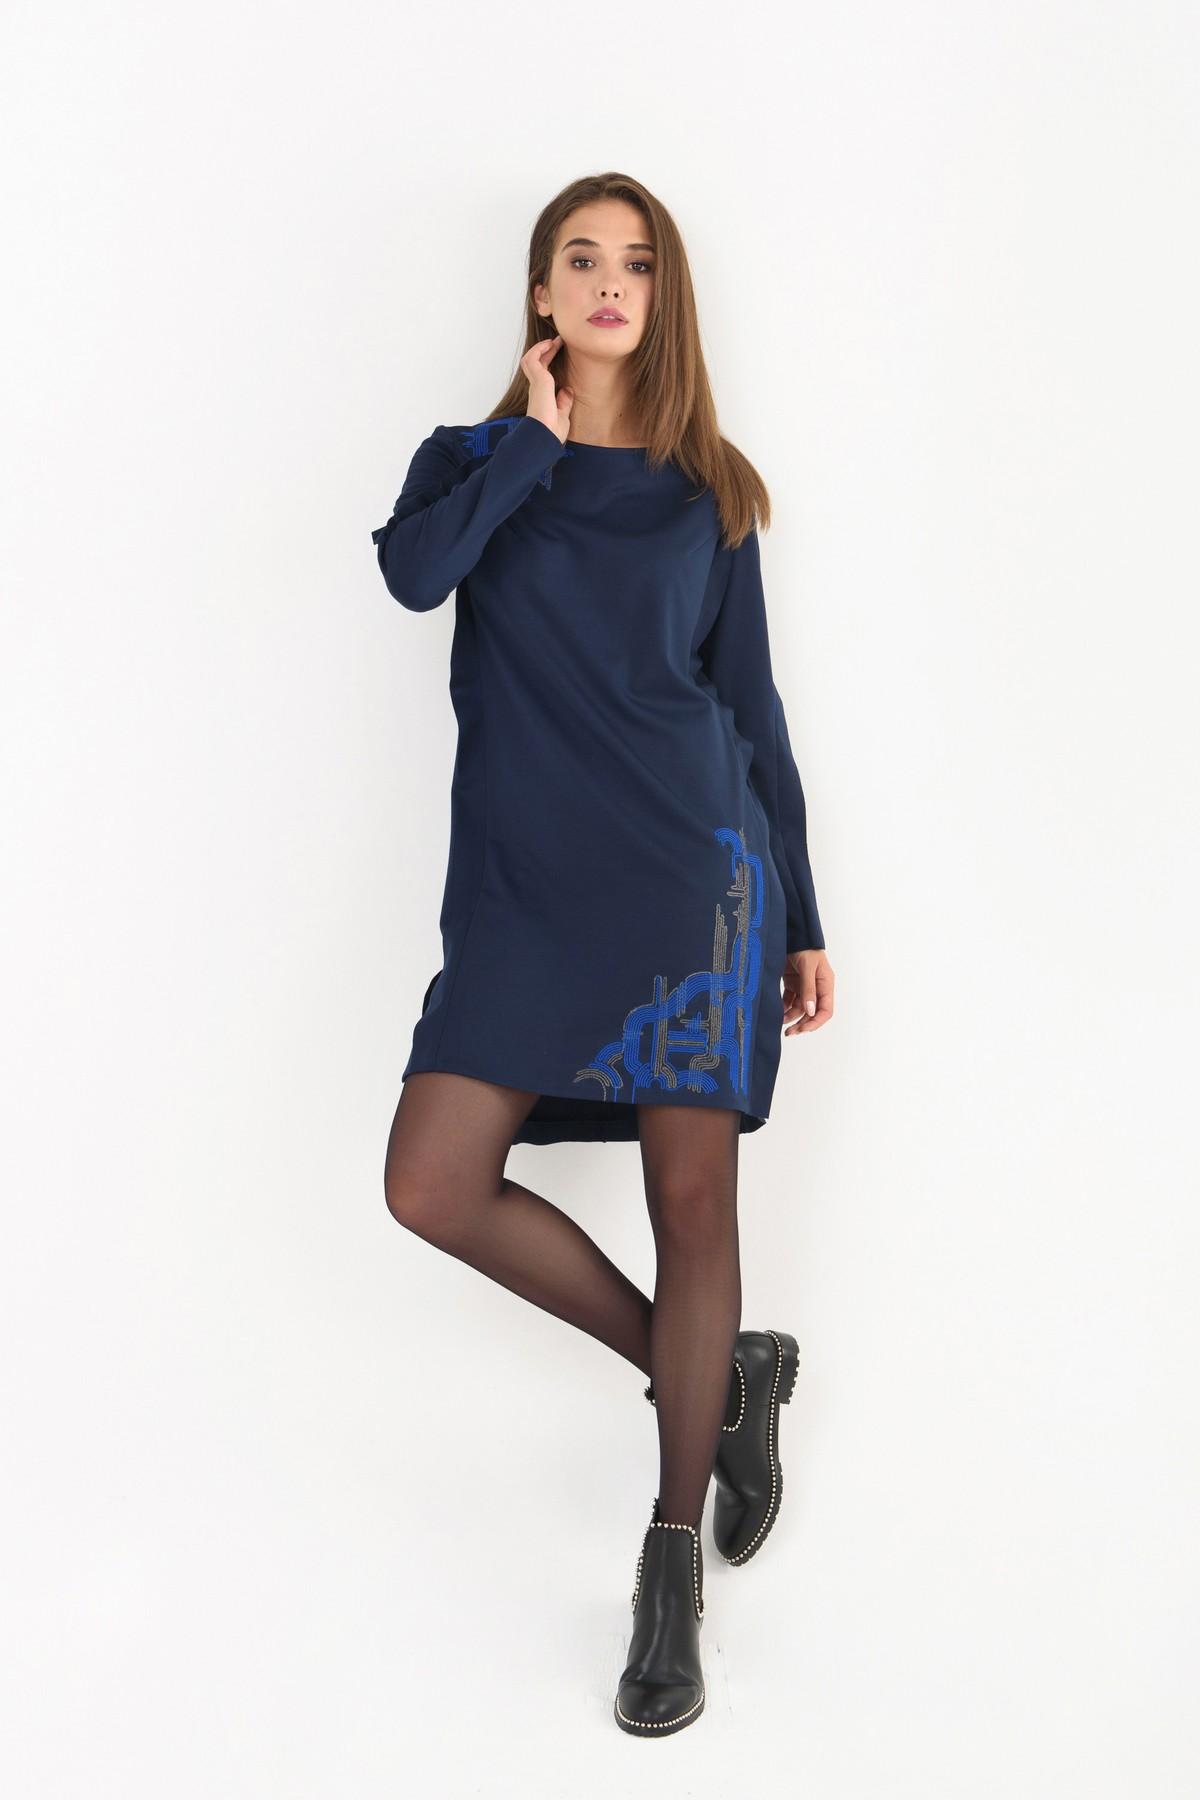 c4654f103137 Купить Осеннее платье прямого силуэта в интернет-магазине RicaMare ...